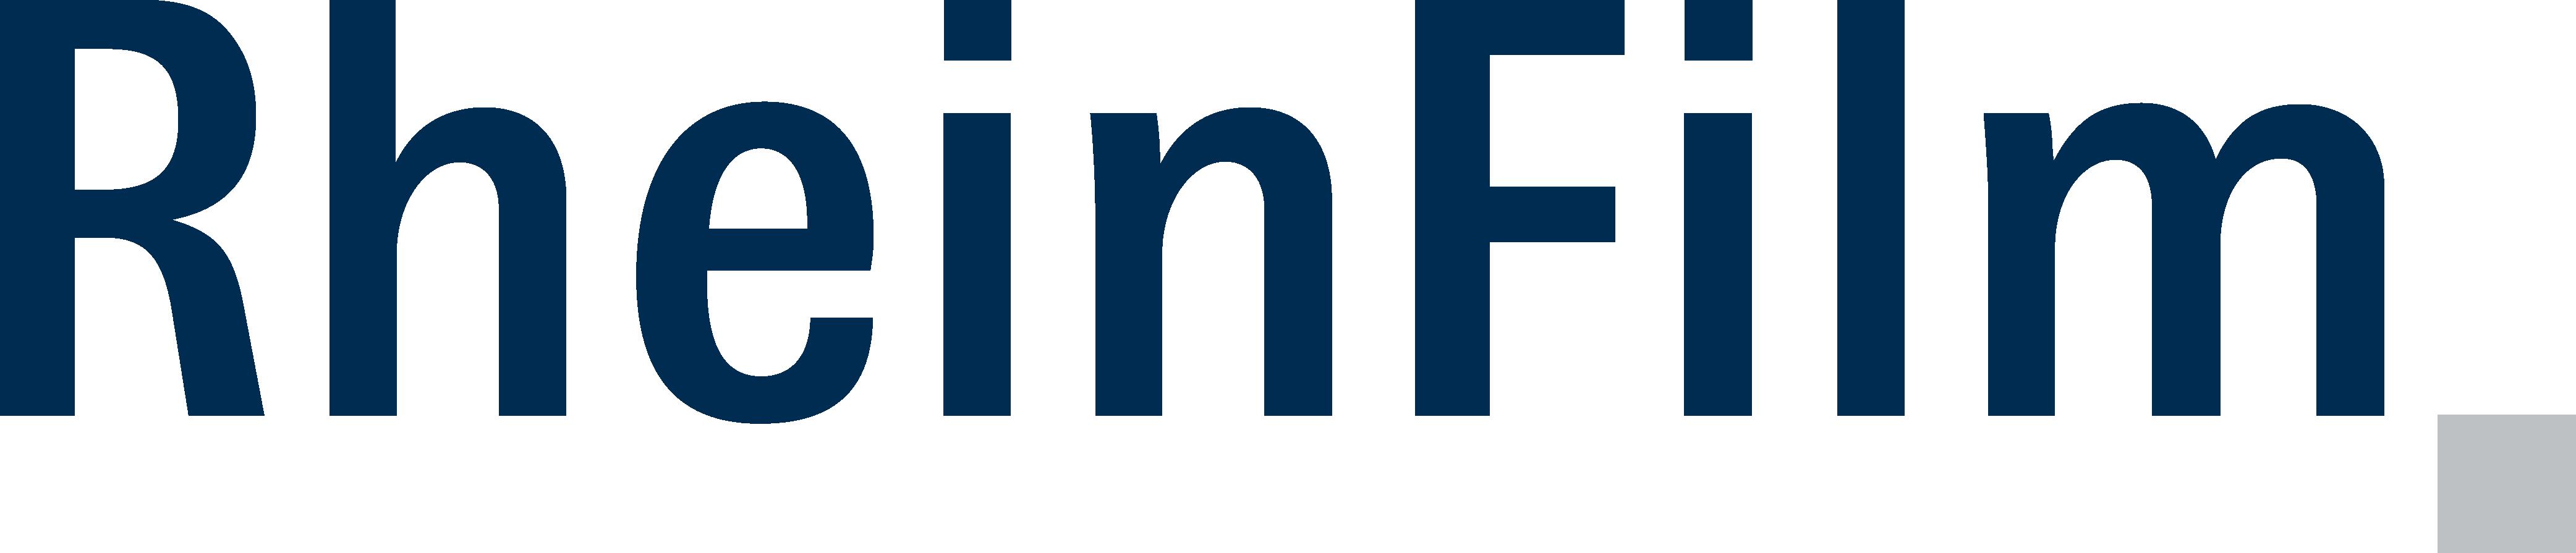 RheinFilm. TV- und Medien-Produktionsgesellschaft mbH